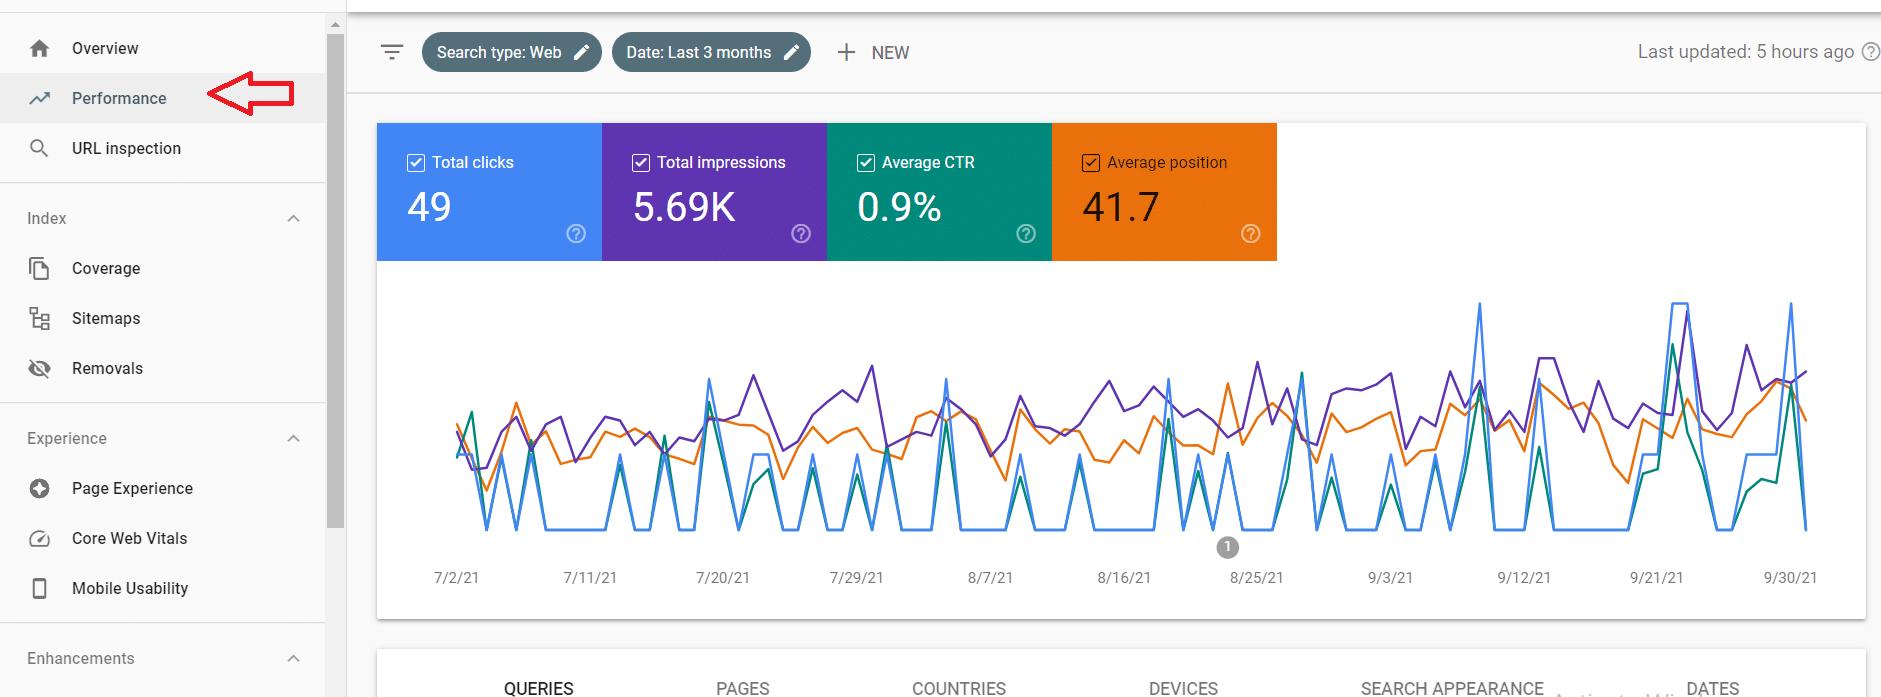 Données de performance de la console de recherche Google.